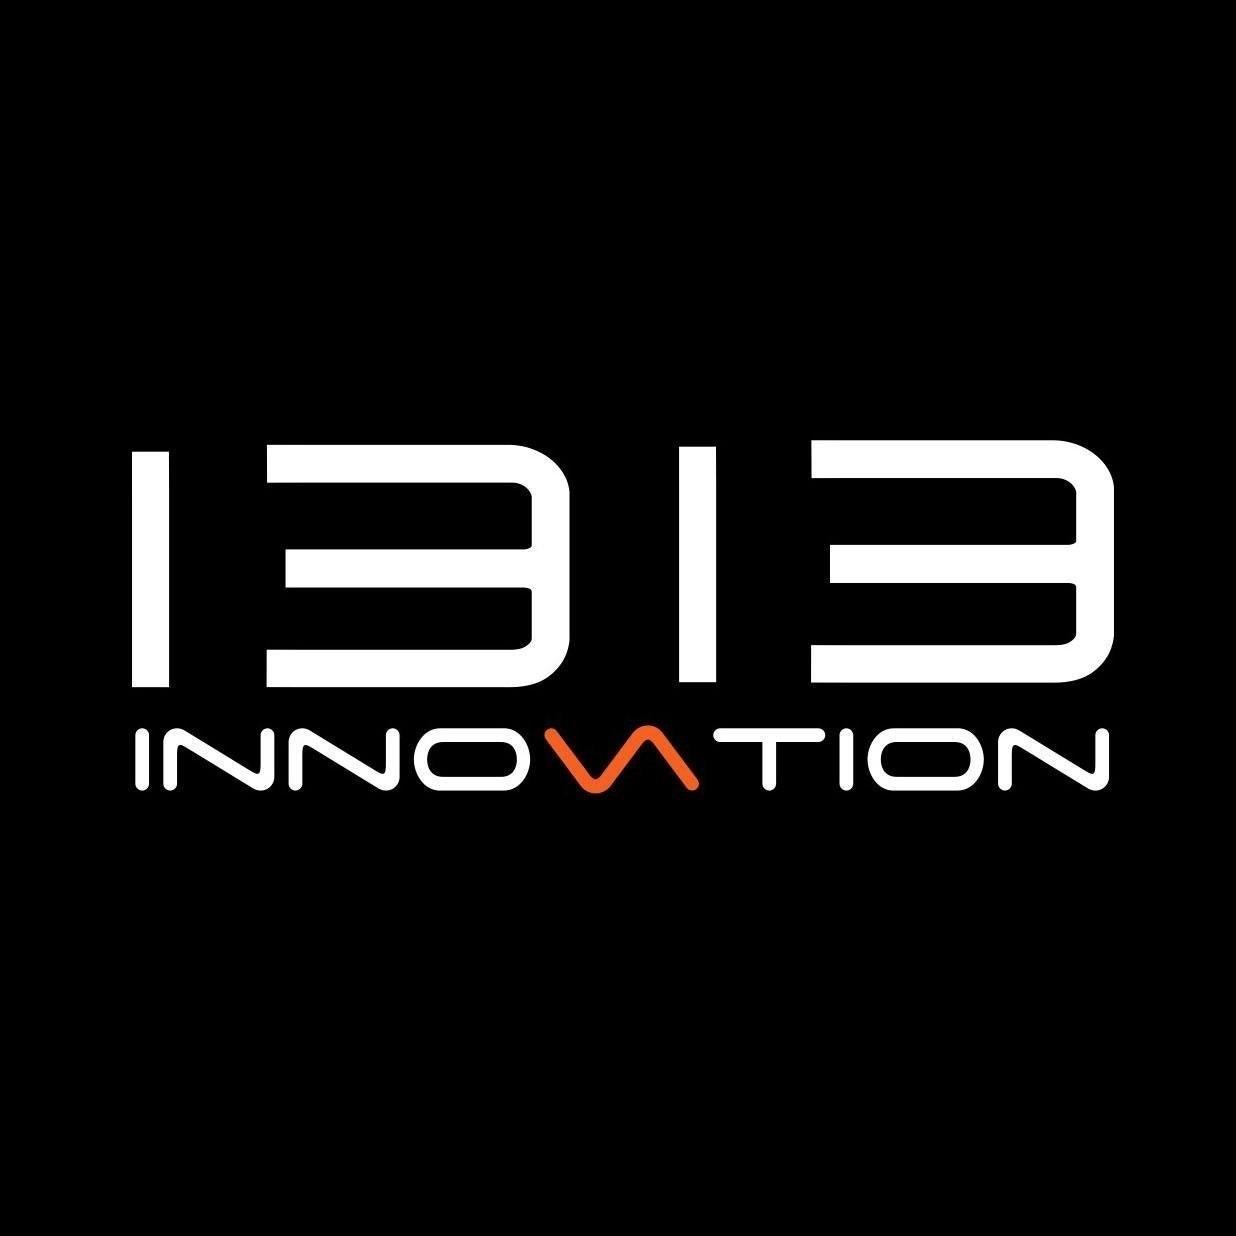 1313 Innovation